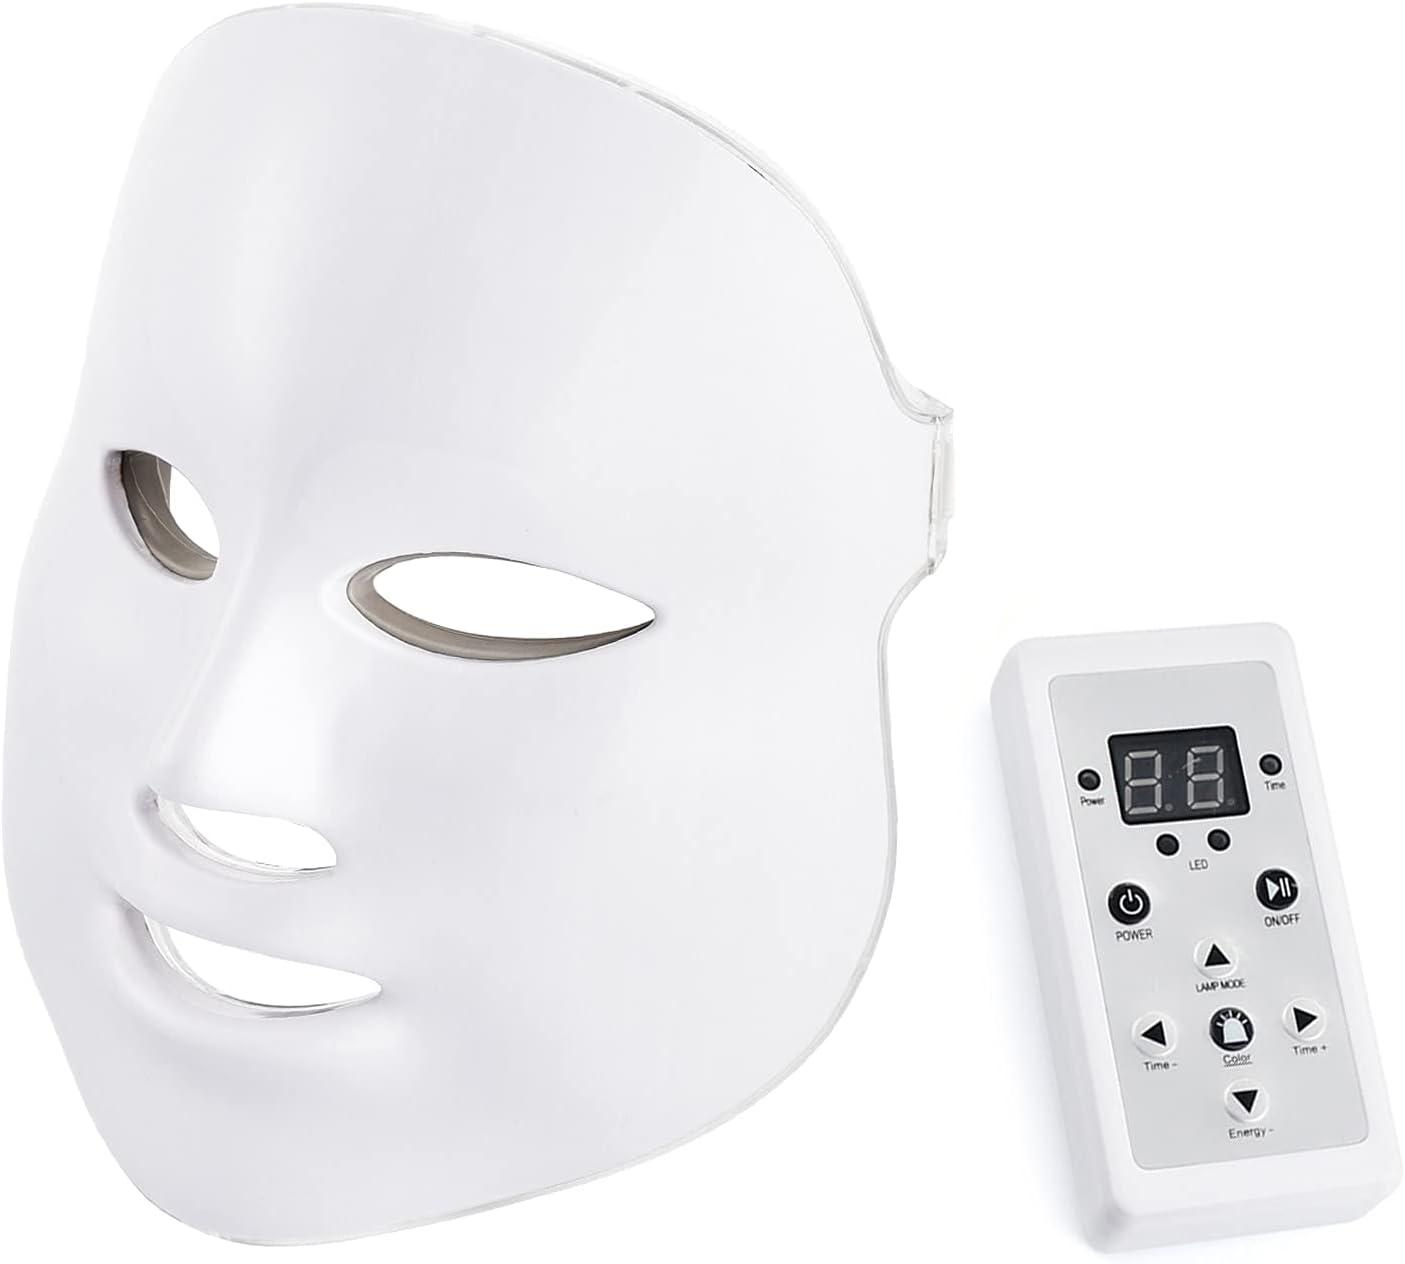 LED face mask 7 colores led cara light therapy máscara cuello led fotones máscara facial tratamiento facial de la piel anti envejecimiento belleza máscara de cuidado de la piel blanco